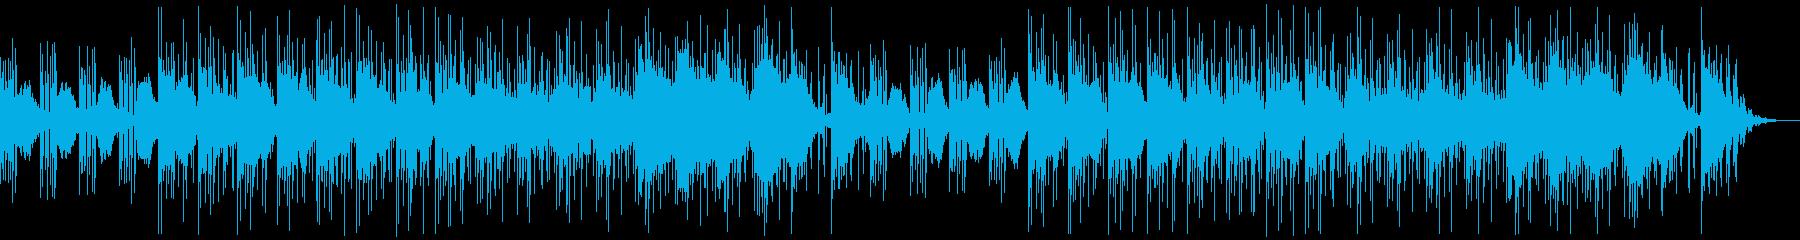 推理や思案、シリアスなシーンのBGMの再生済みの波形